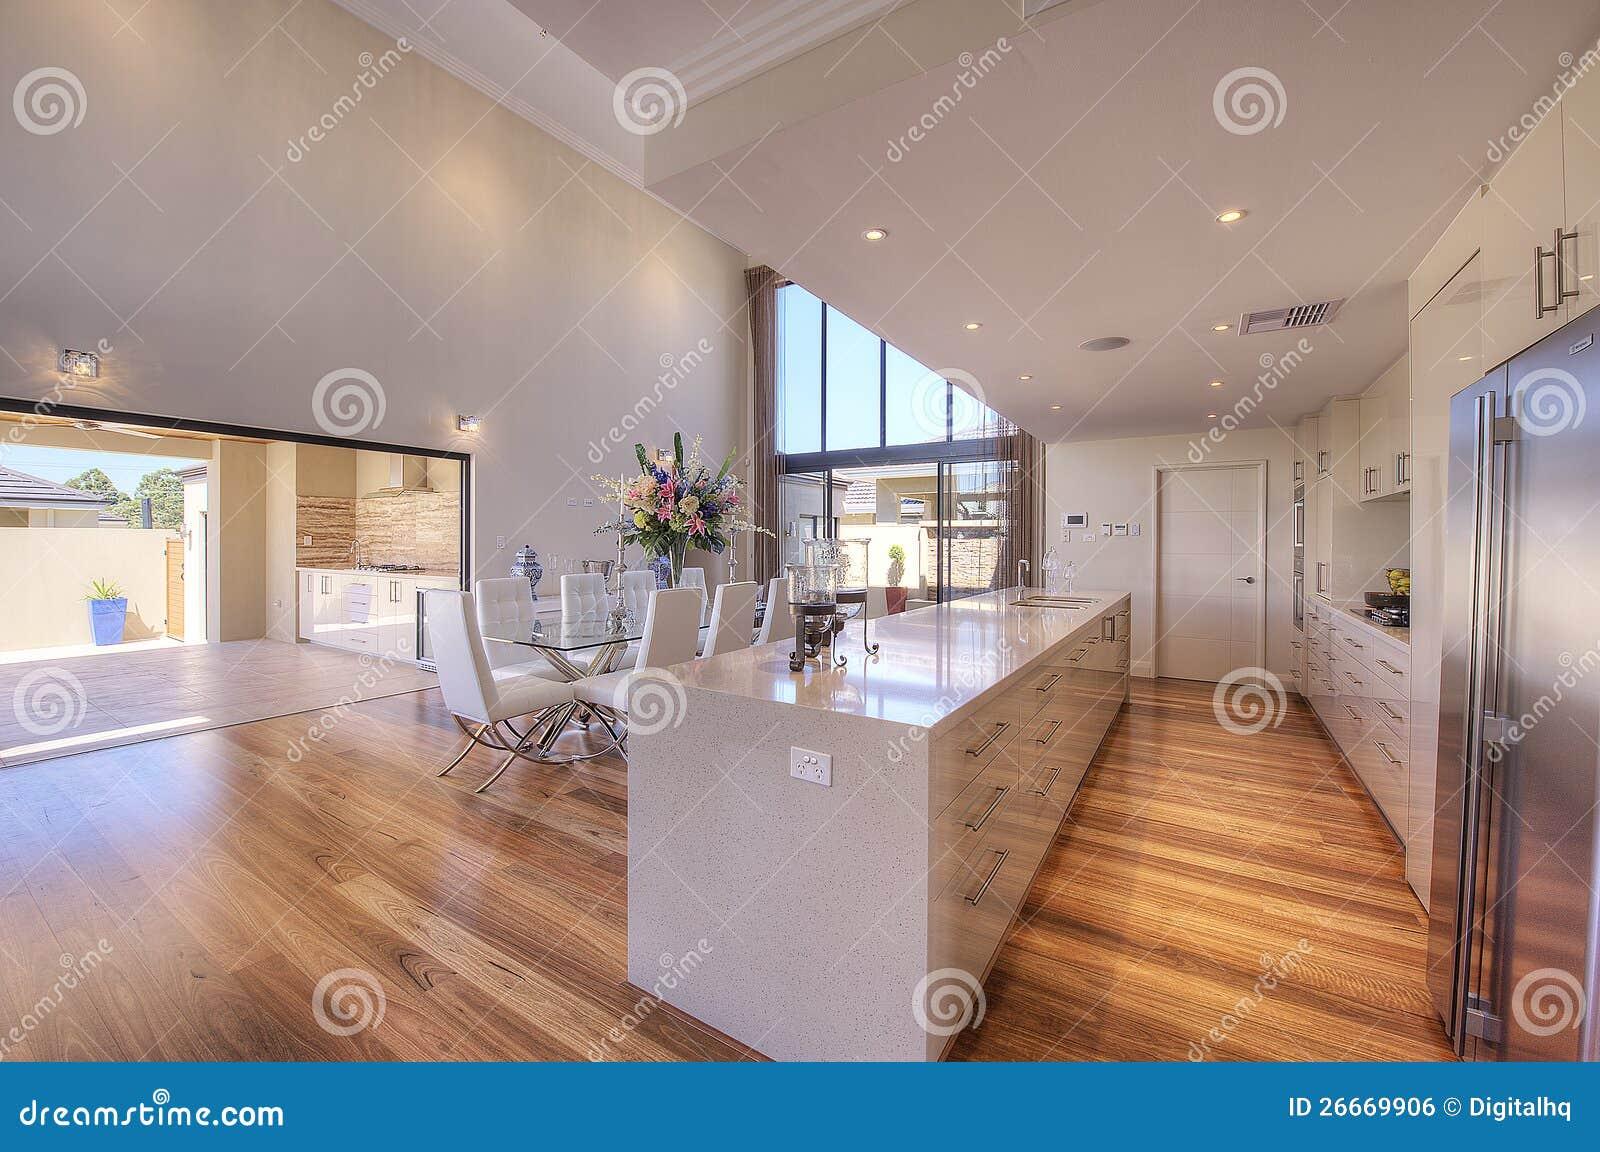 De luxueuze moderne keuken van het open plan royalty vrije stock afbeelding afbeelding 26669906 - Afbeelding van moderne keuken ...